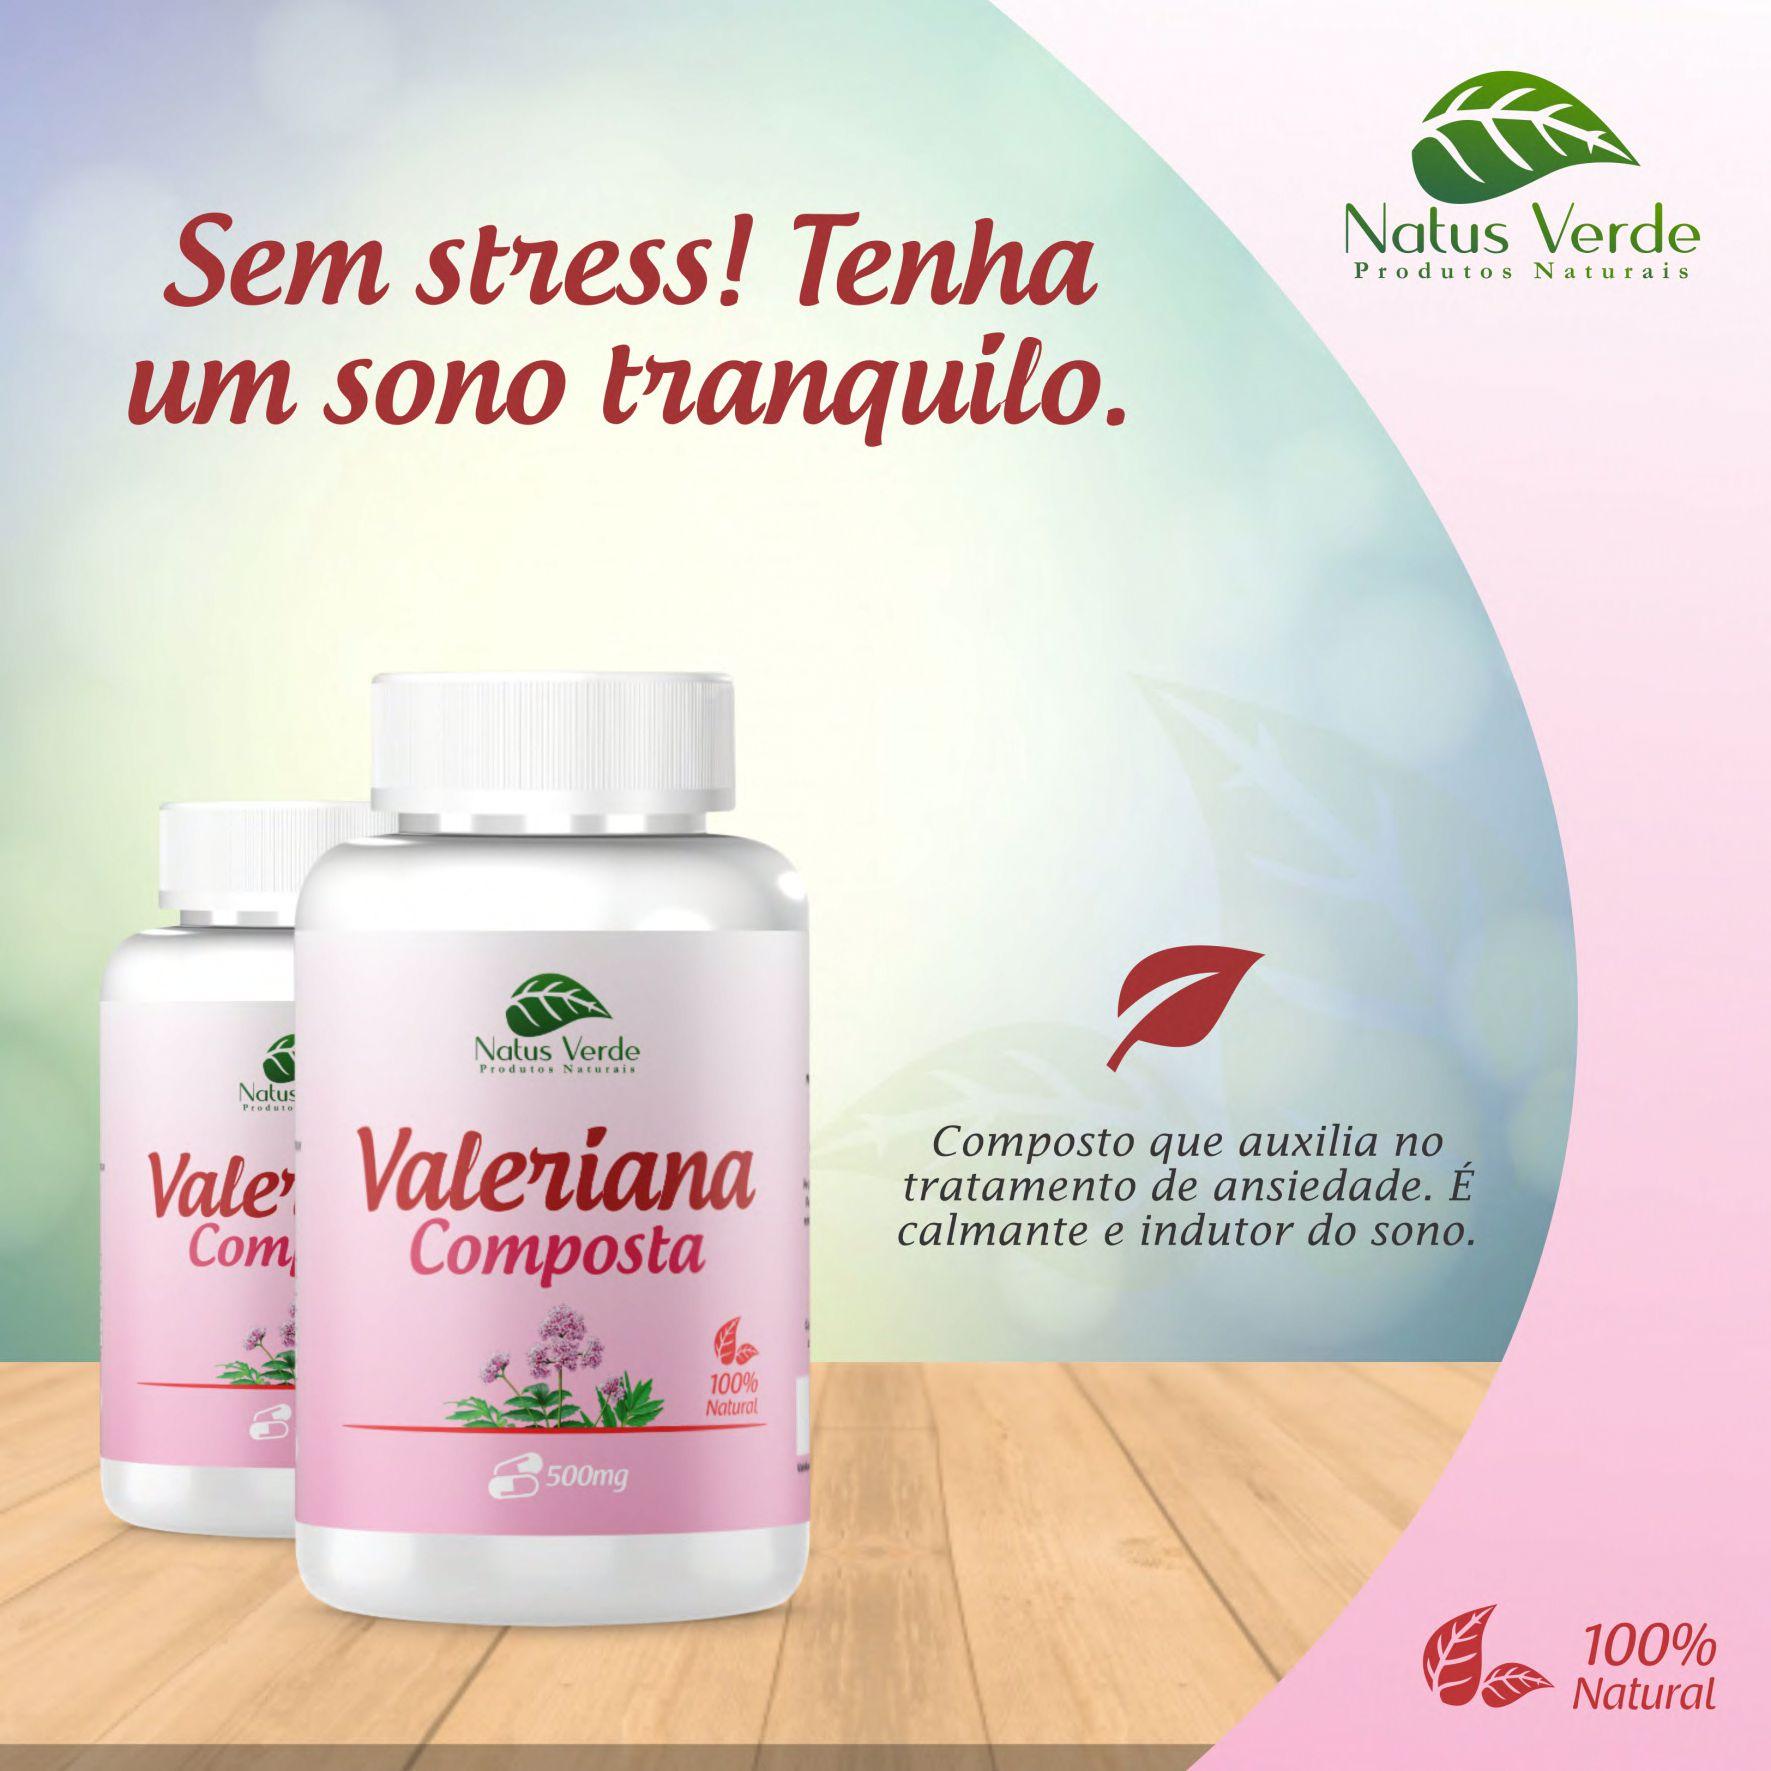 Valeriana Composta Relaxante Natural 500mg 60 Caps Natus Verde  - Fribasex - Fabricasex.com